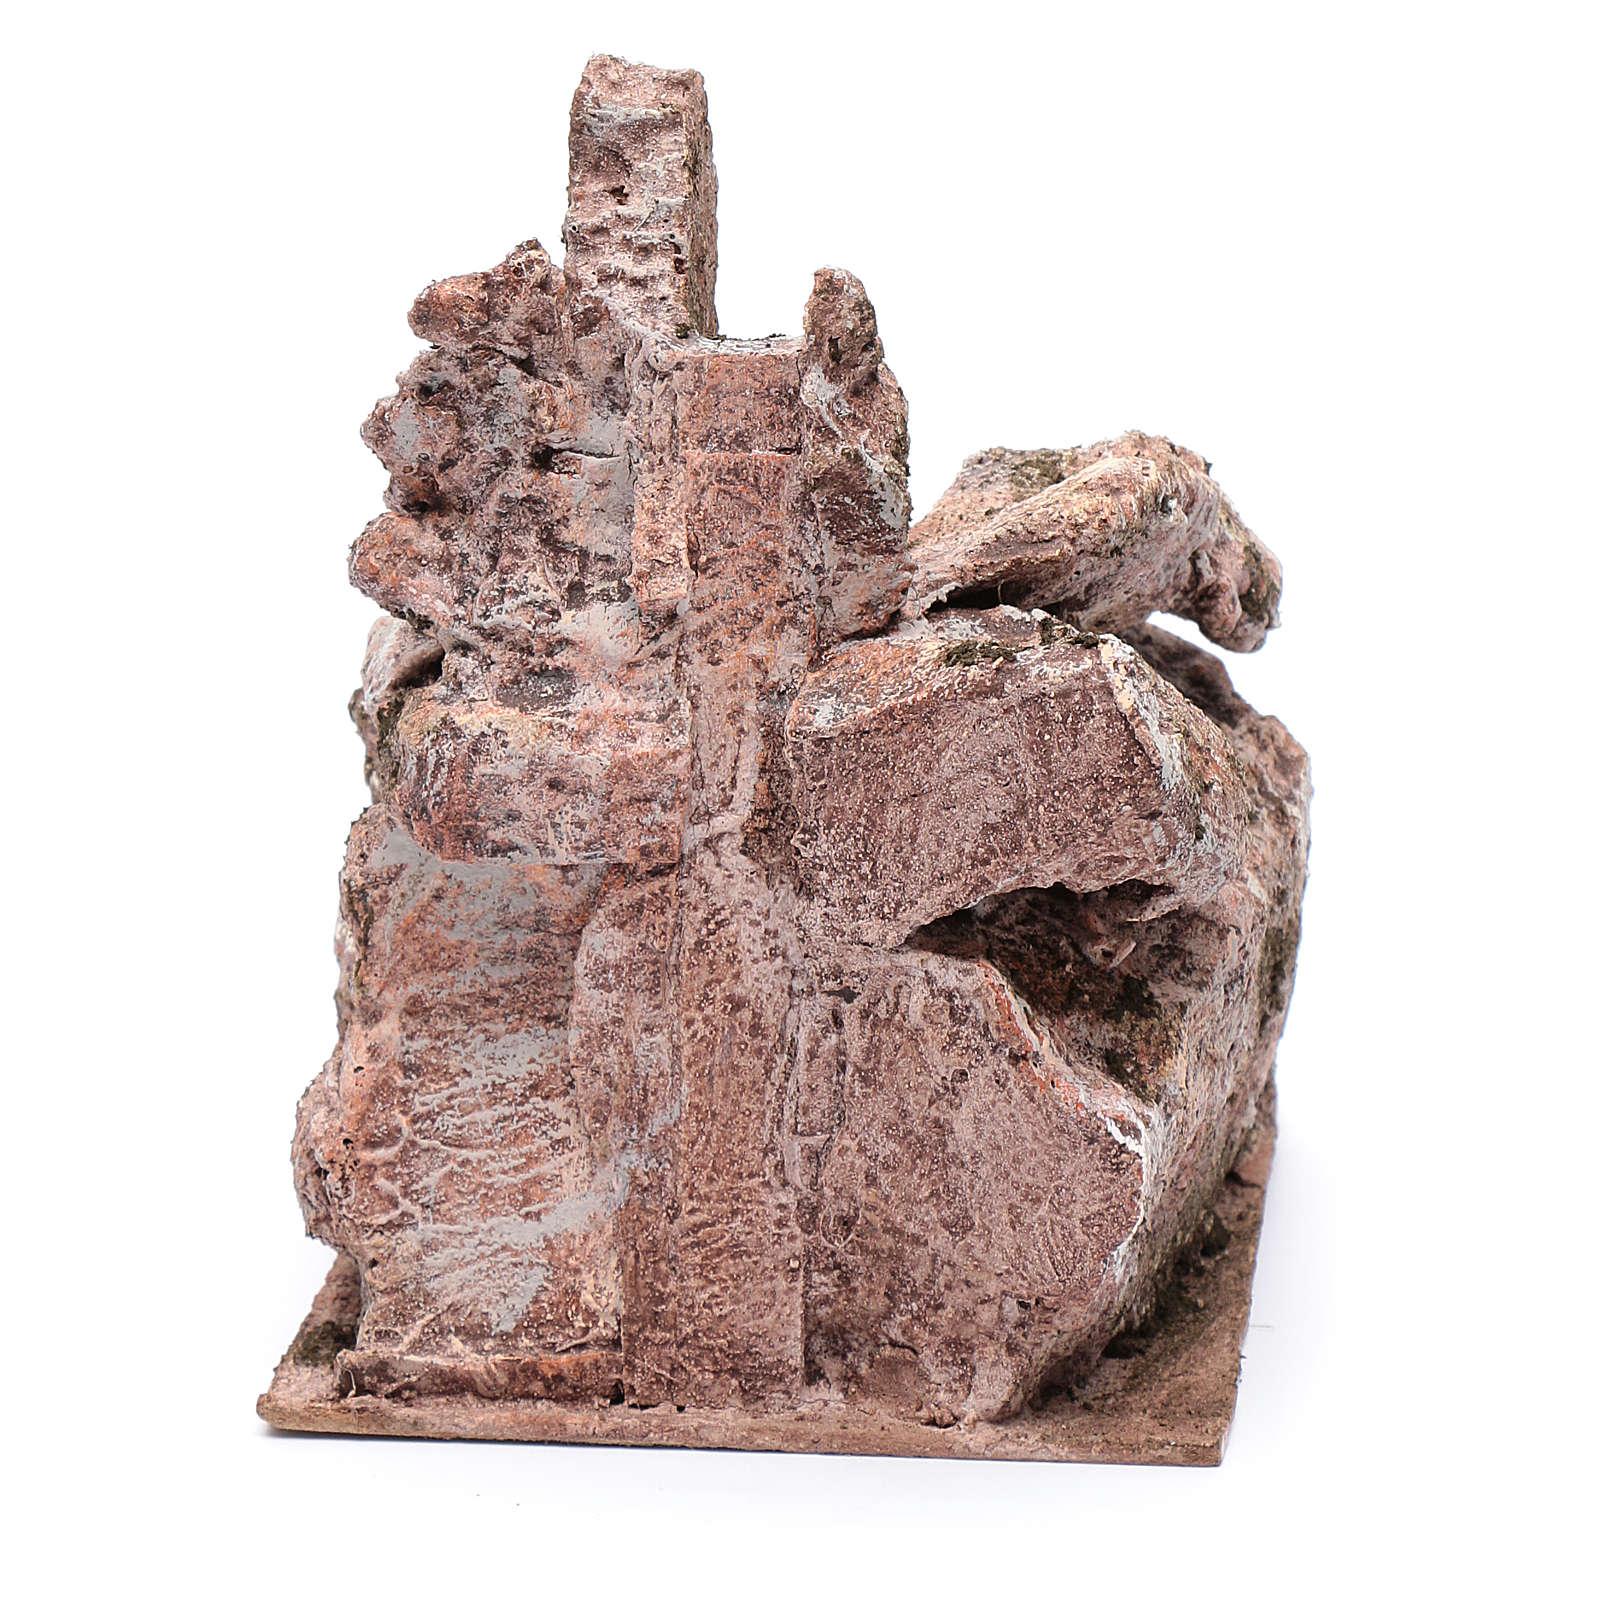 Escalier type roche vieillie crèche 20x14x19 cm 4